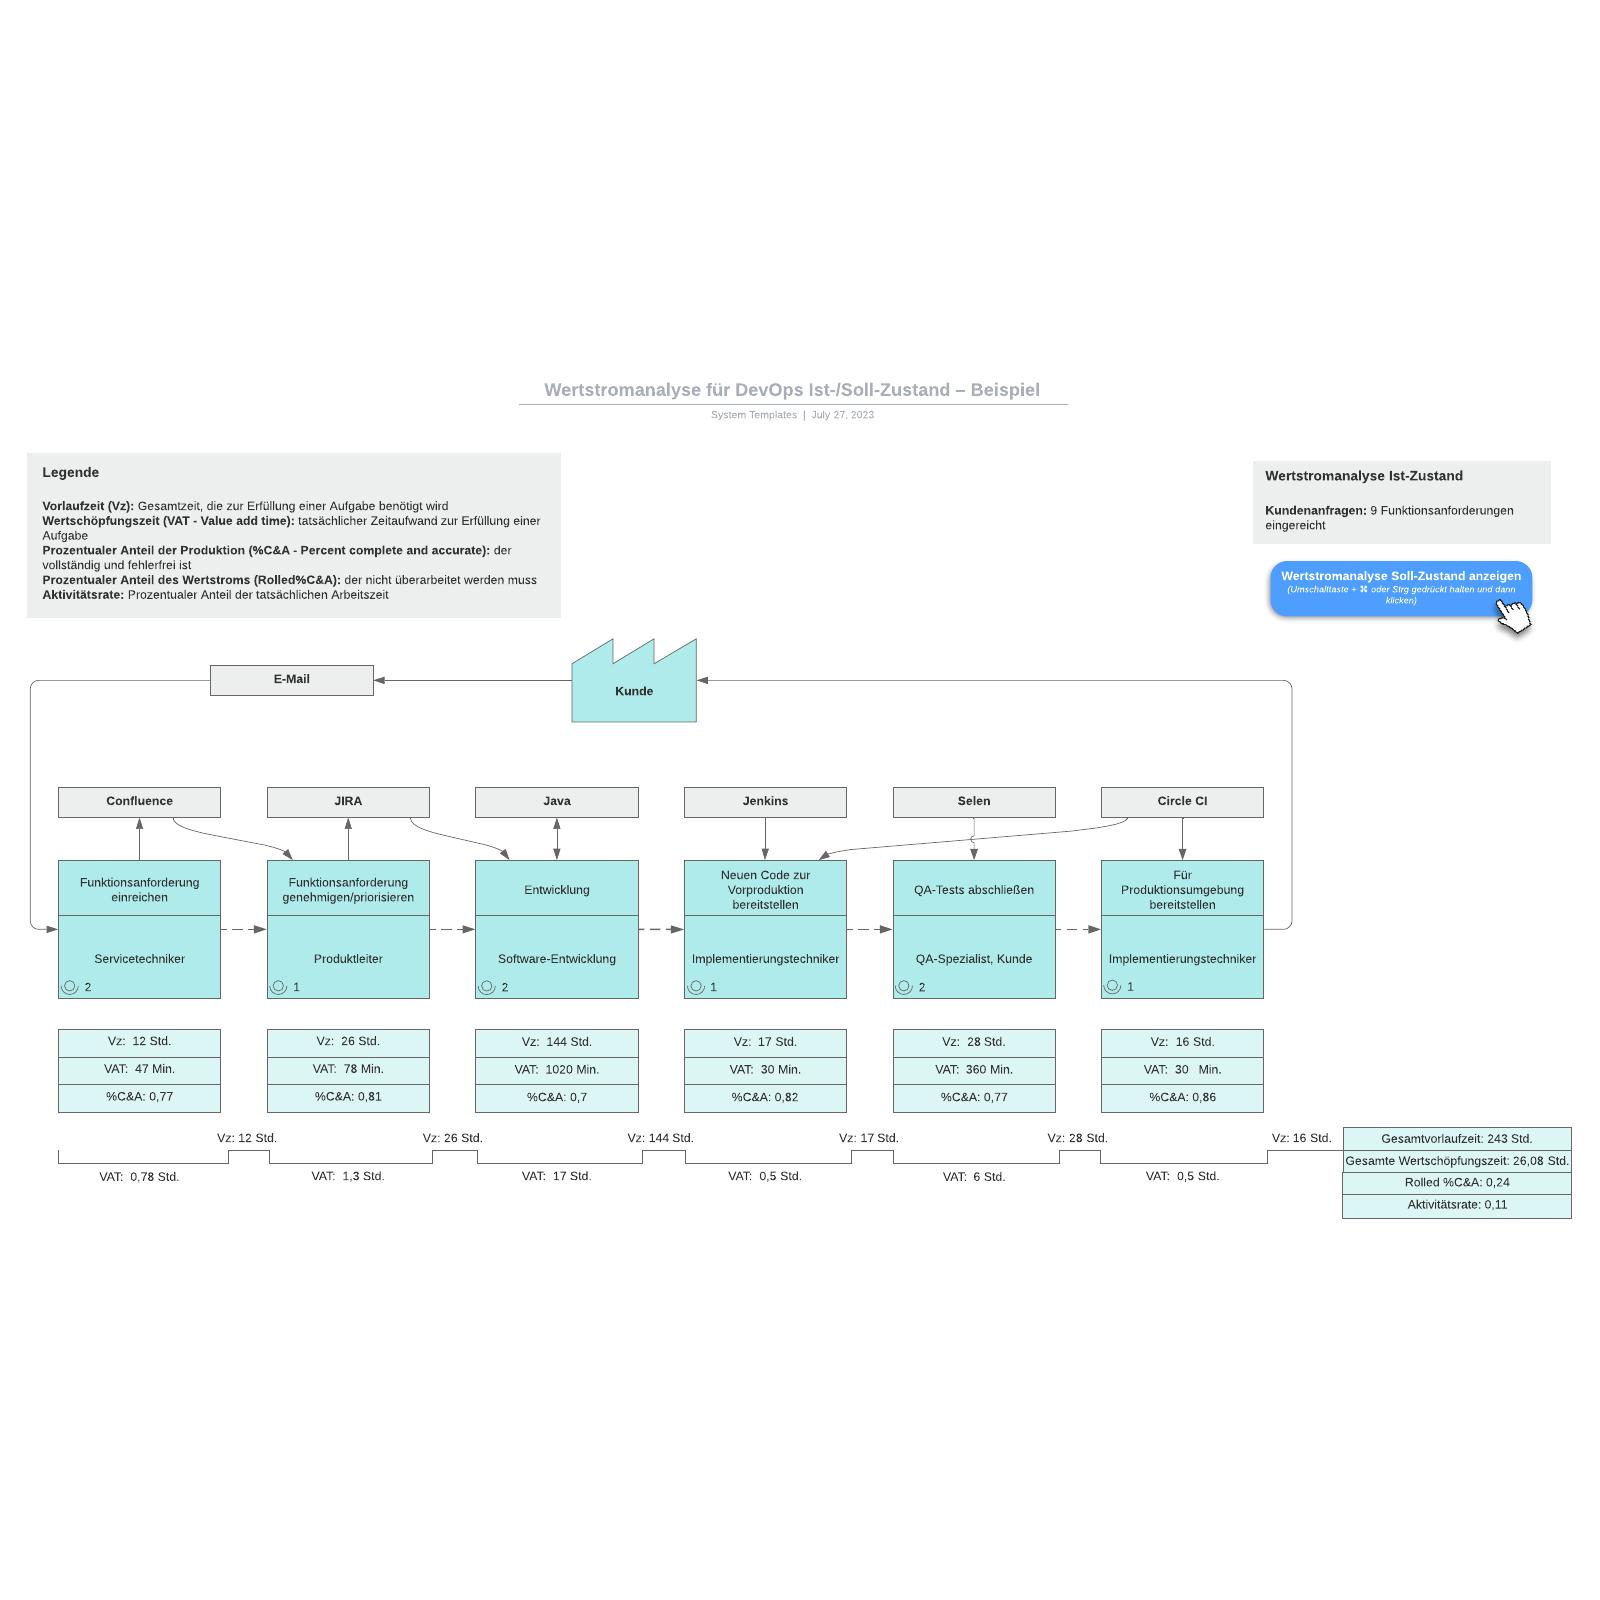 Wertstromanalyse (DevOps) Ist-/Soll-Zustand – Beispiel